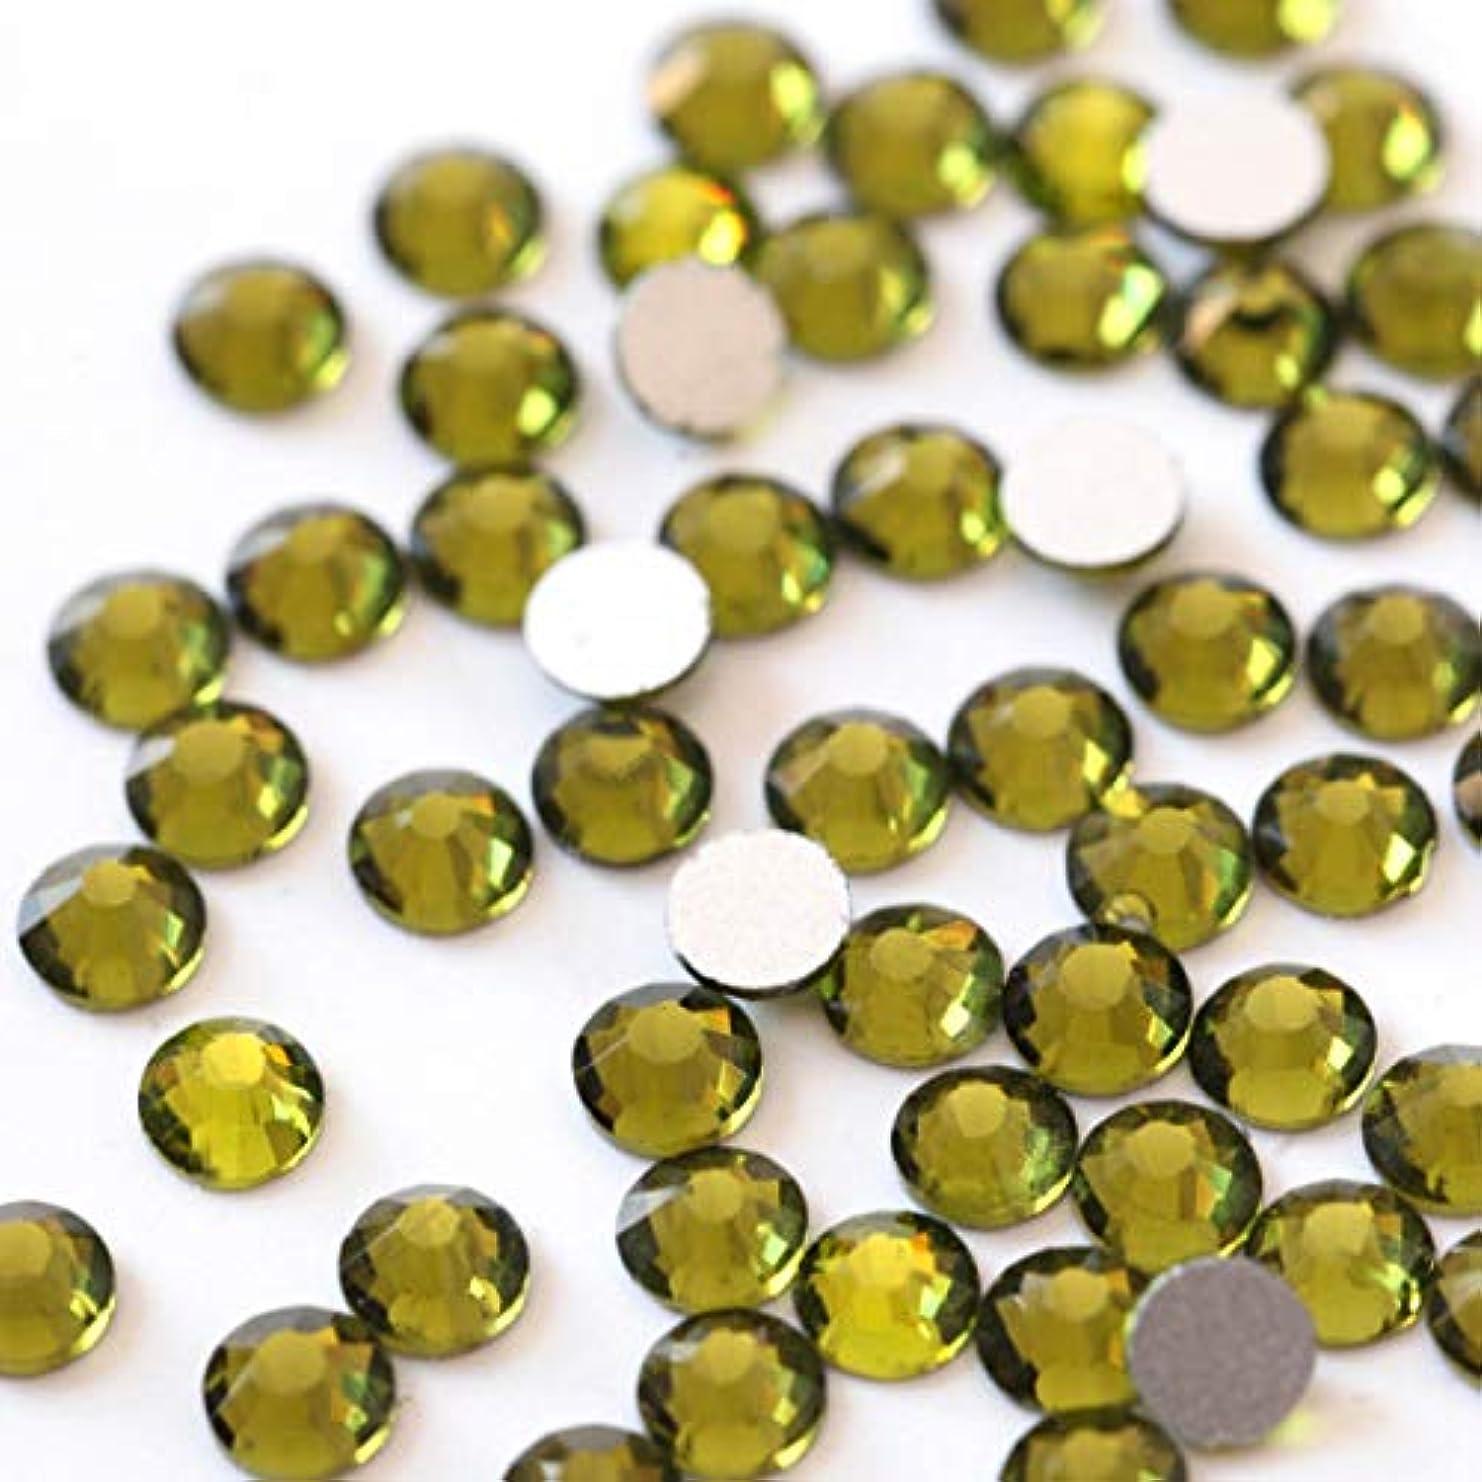 ステンレスするだろう州【ラインストーン77】高品質ガラス製ラインストーン オリーブ(3.0mm (SS12) 約200粒)